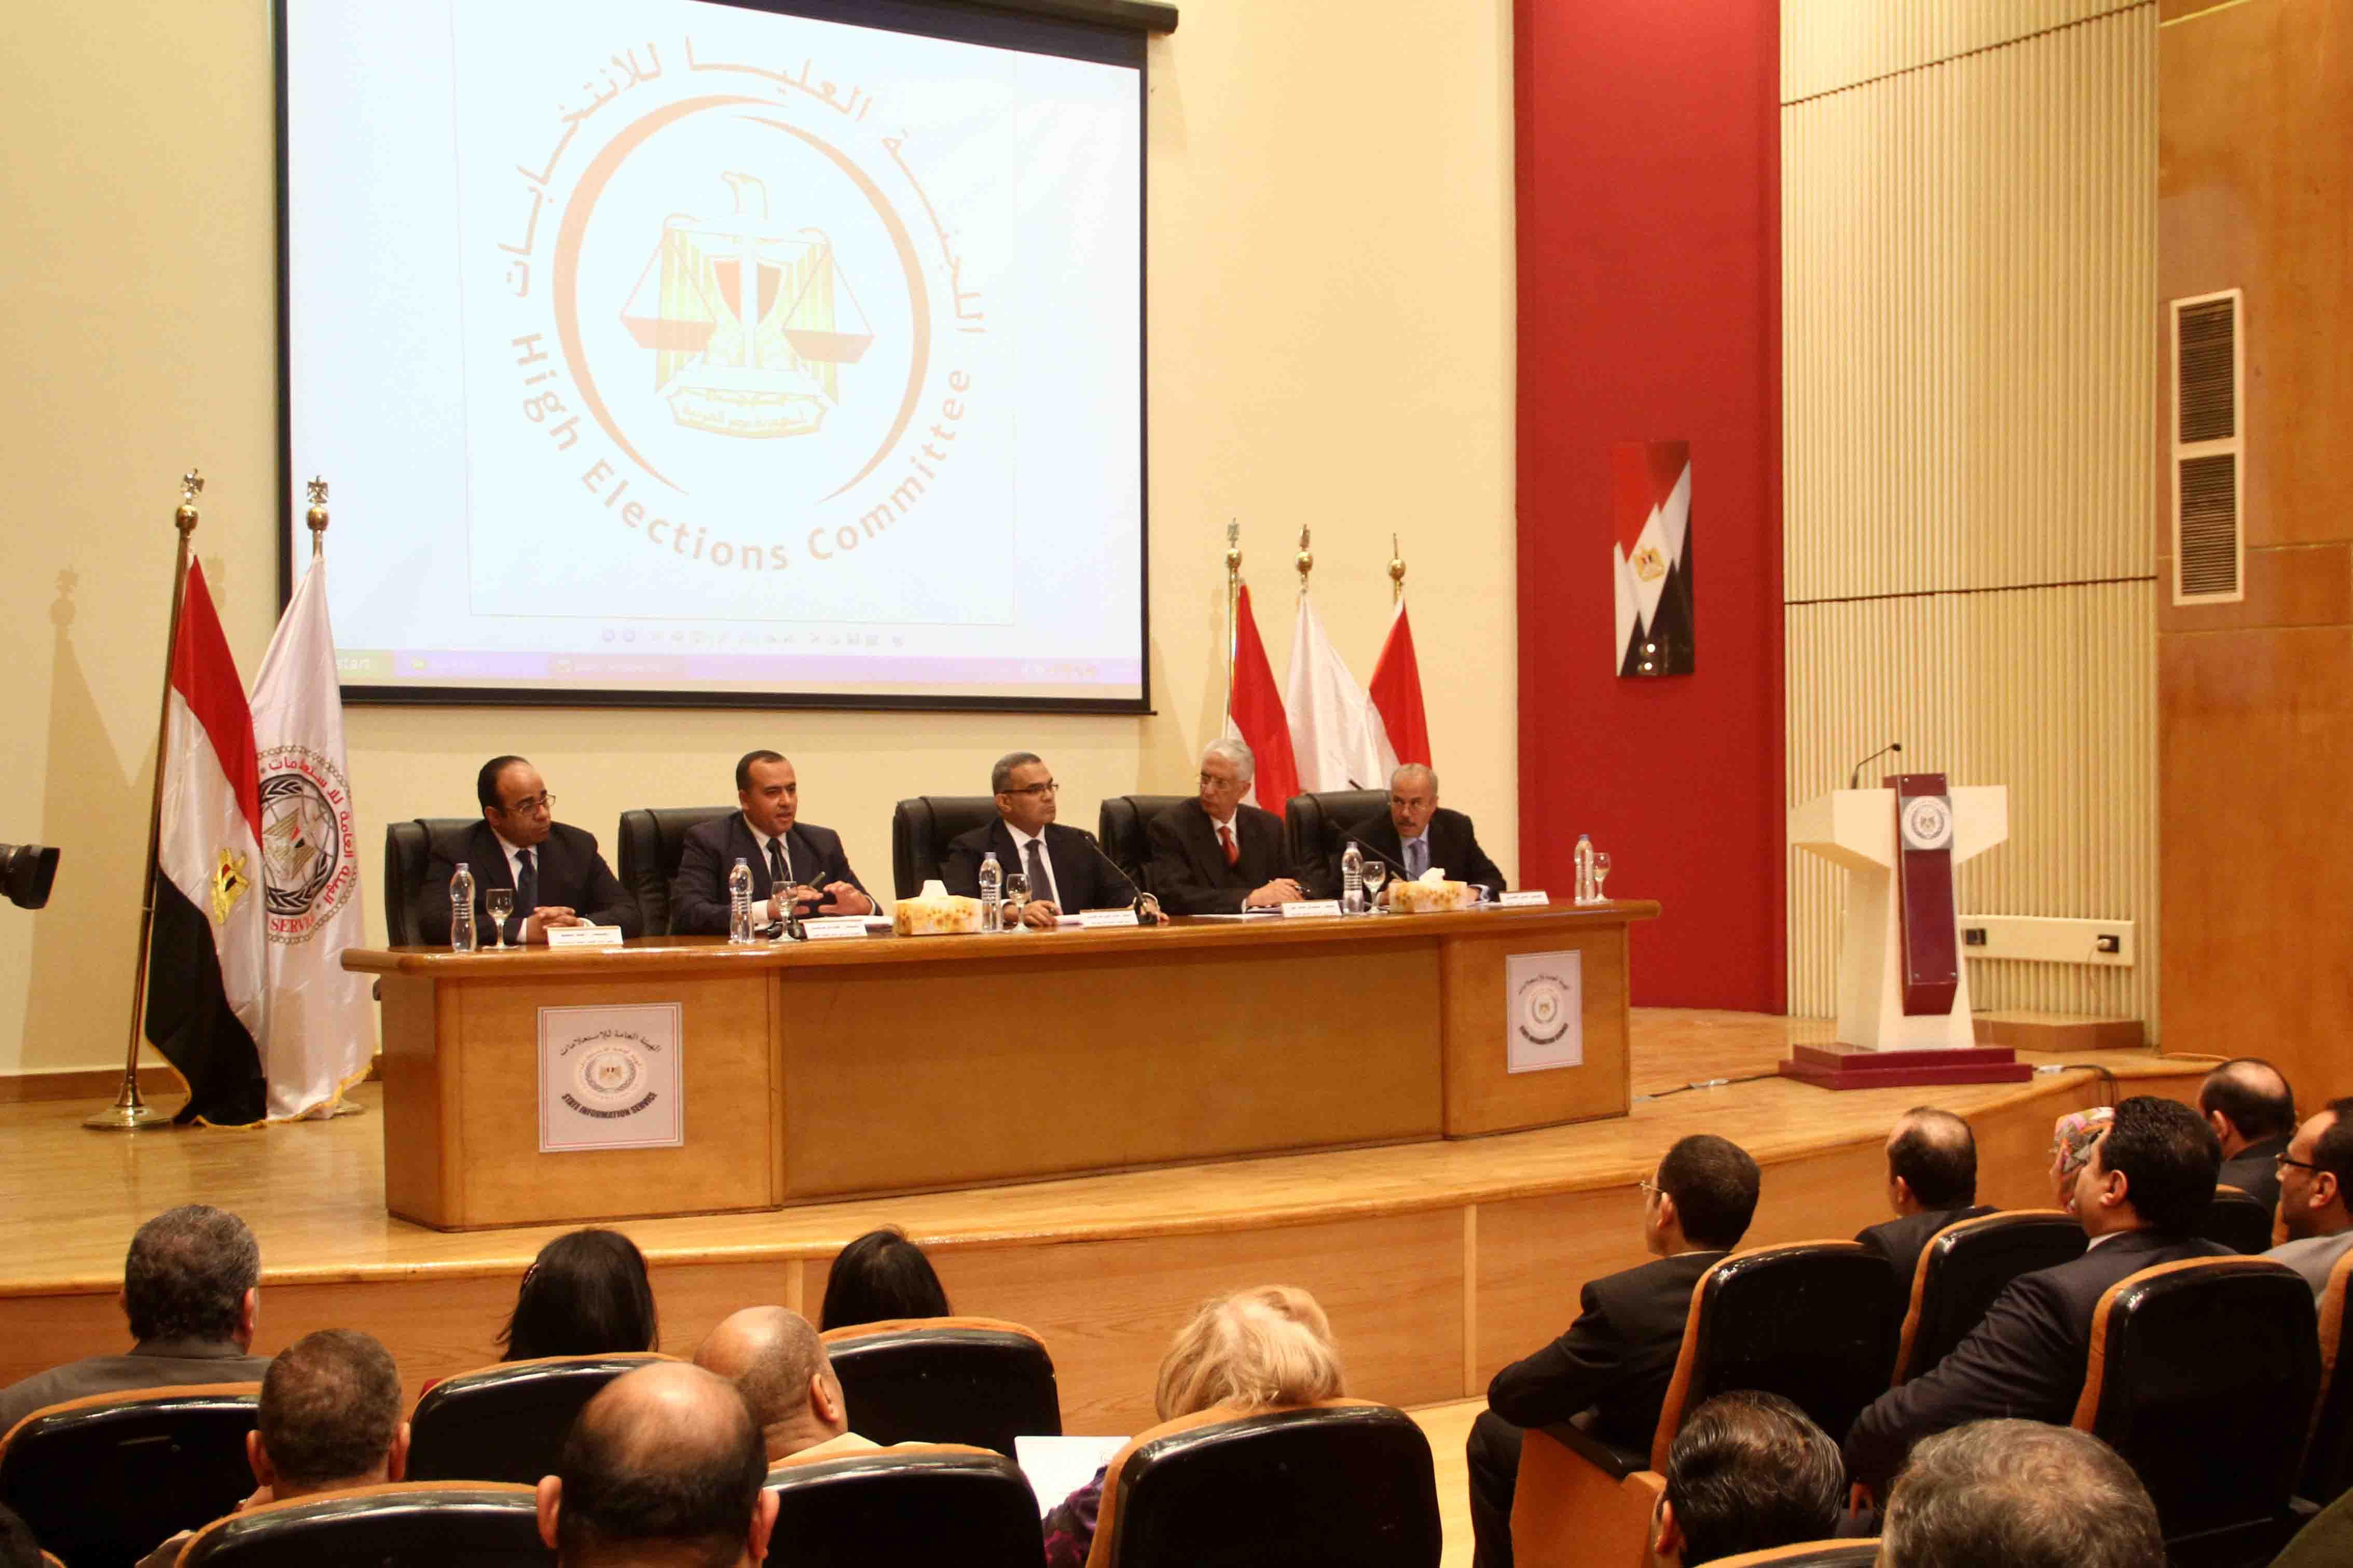 «العليا للانتخابات» فتحنا أبوابنا للجميع وأعطينا الشعب المصري الحق في متابعتنا -